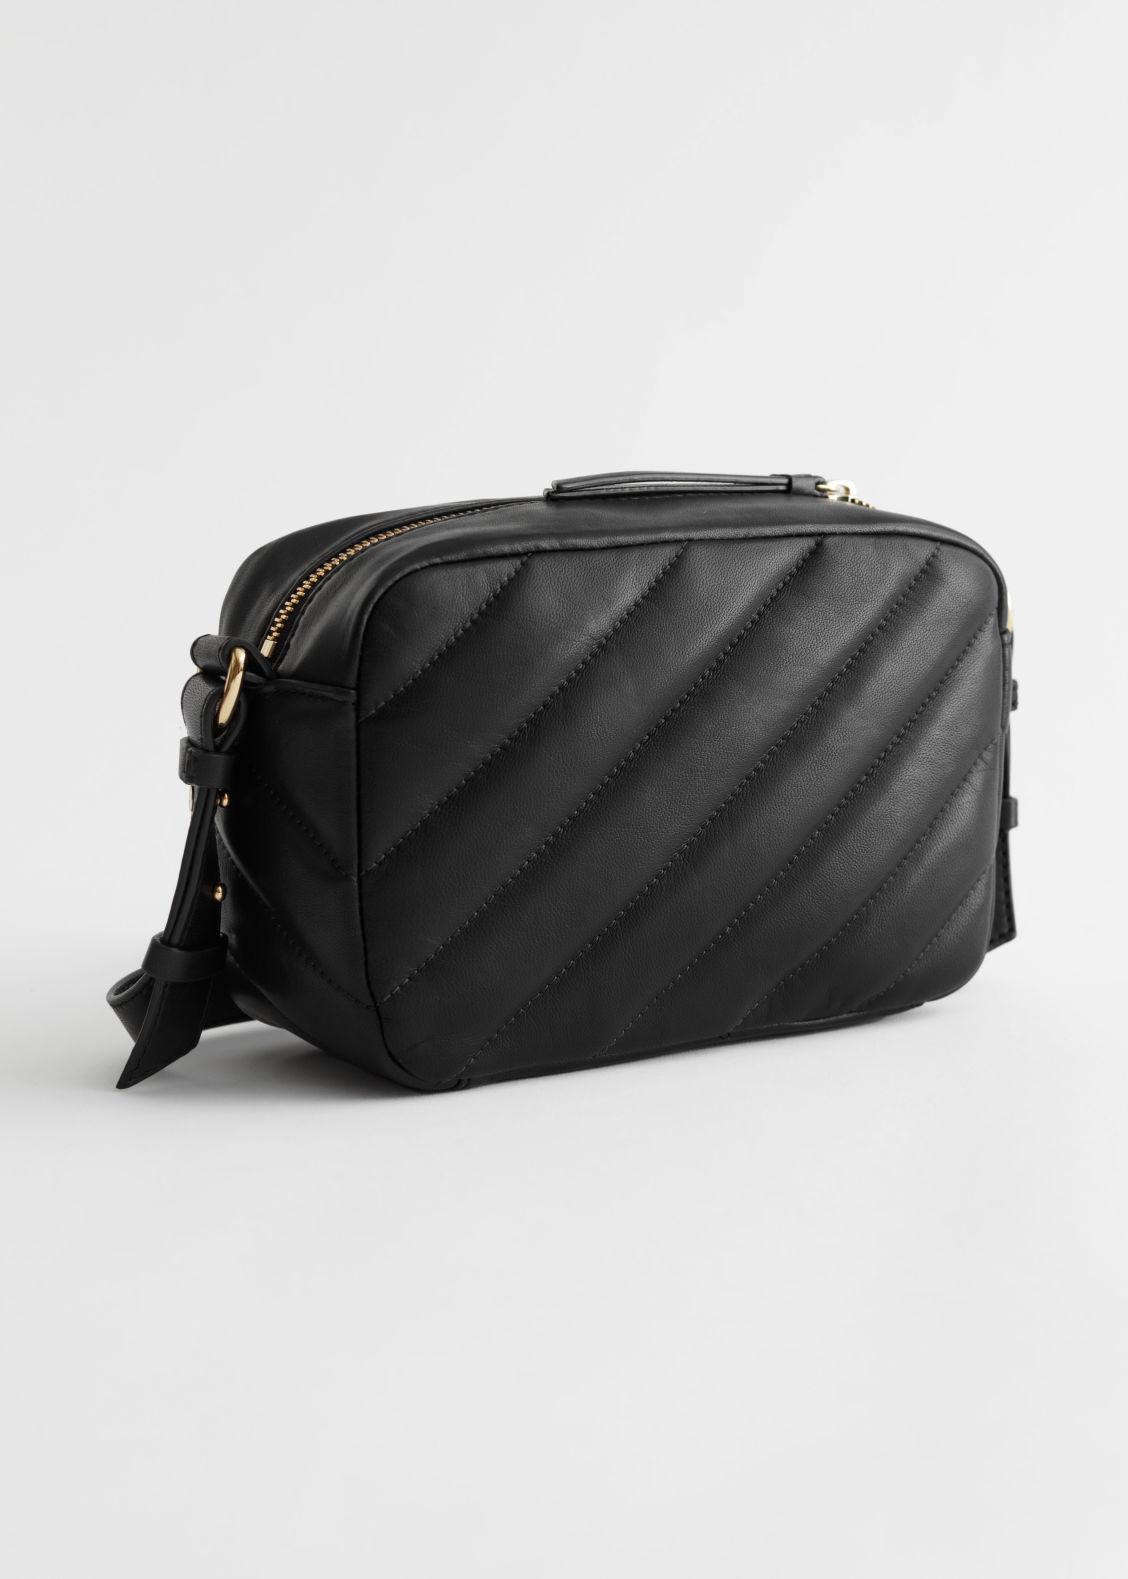 앤 아더 스토리즈 퀼팅 스트라이프 백 & OTHER STORIES Quilted Stripe Leather Bag,Black